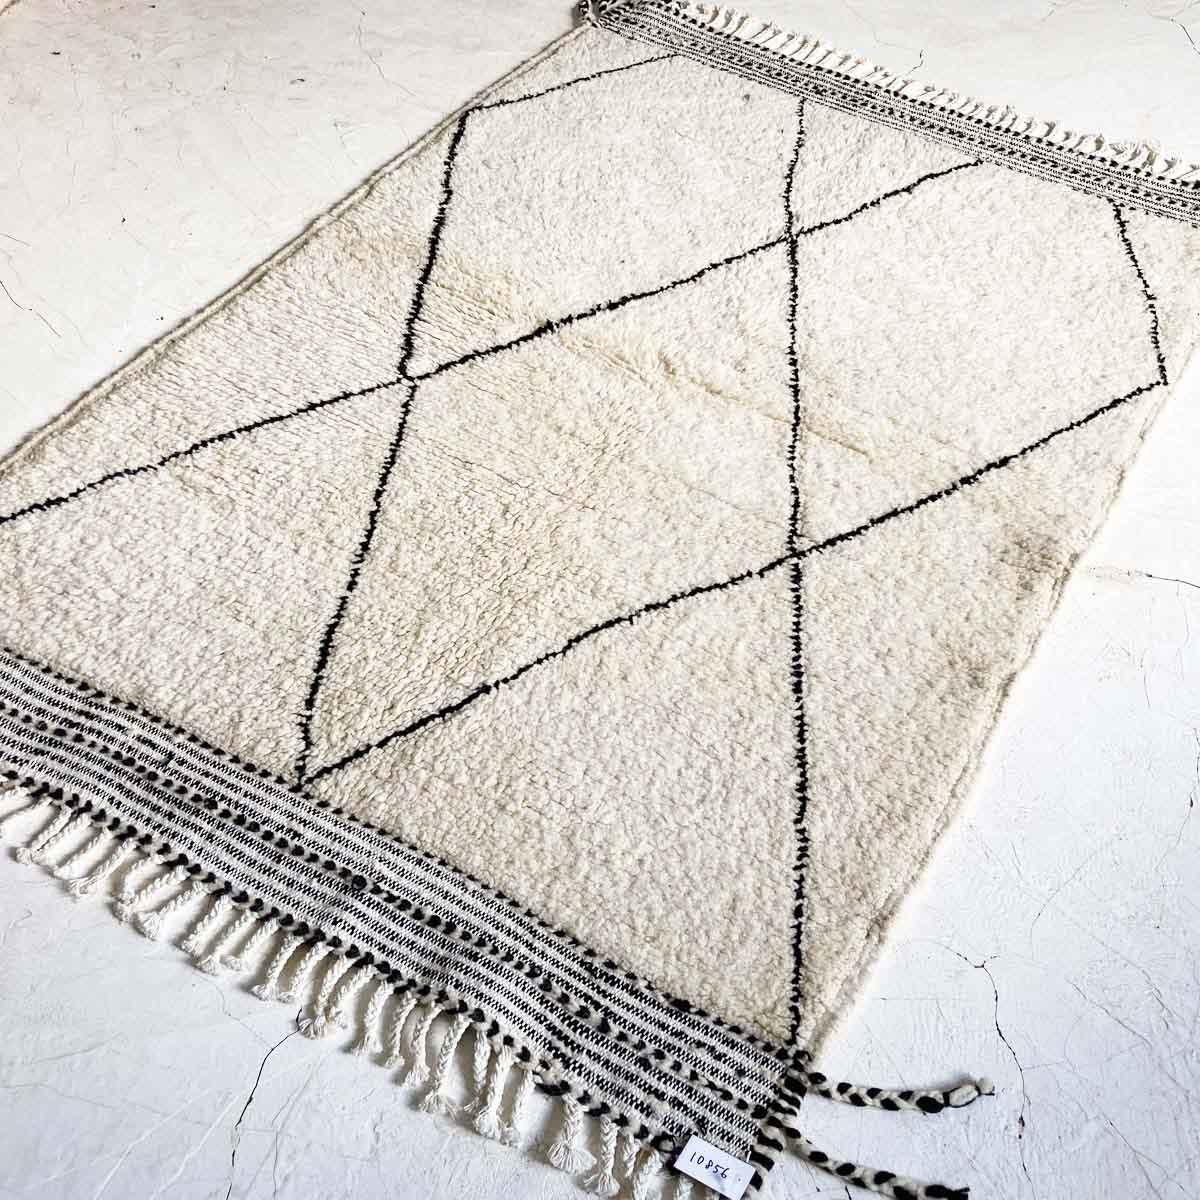 ベニワレン・モロッコラグ//KL10856 //153cm x 105cm// ディアモロッコ